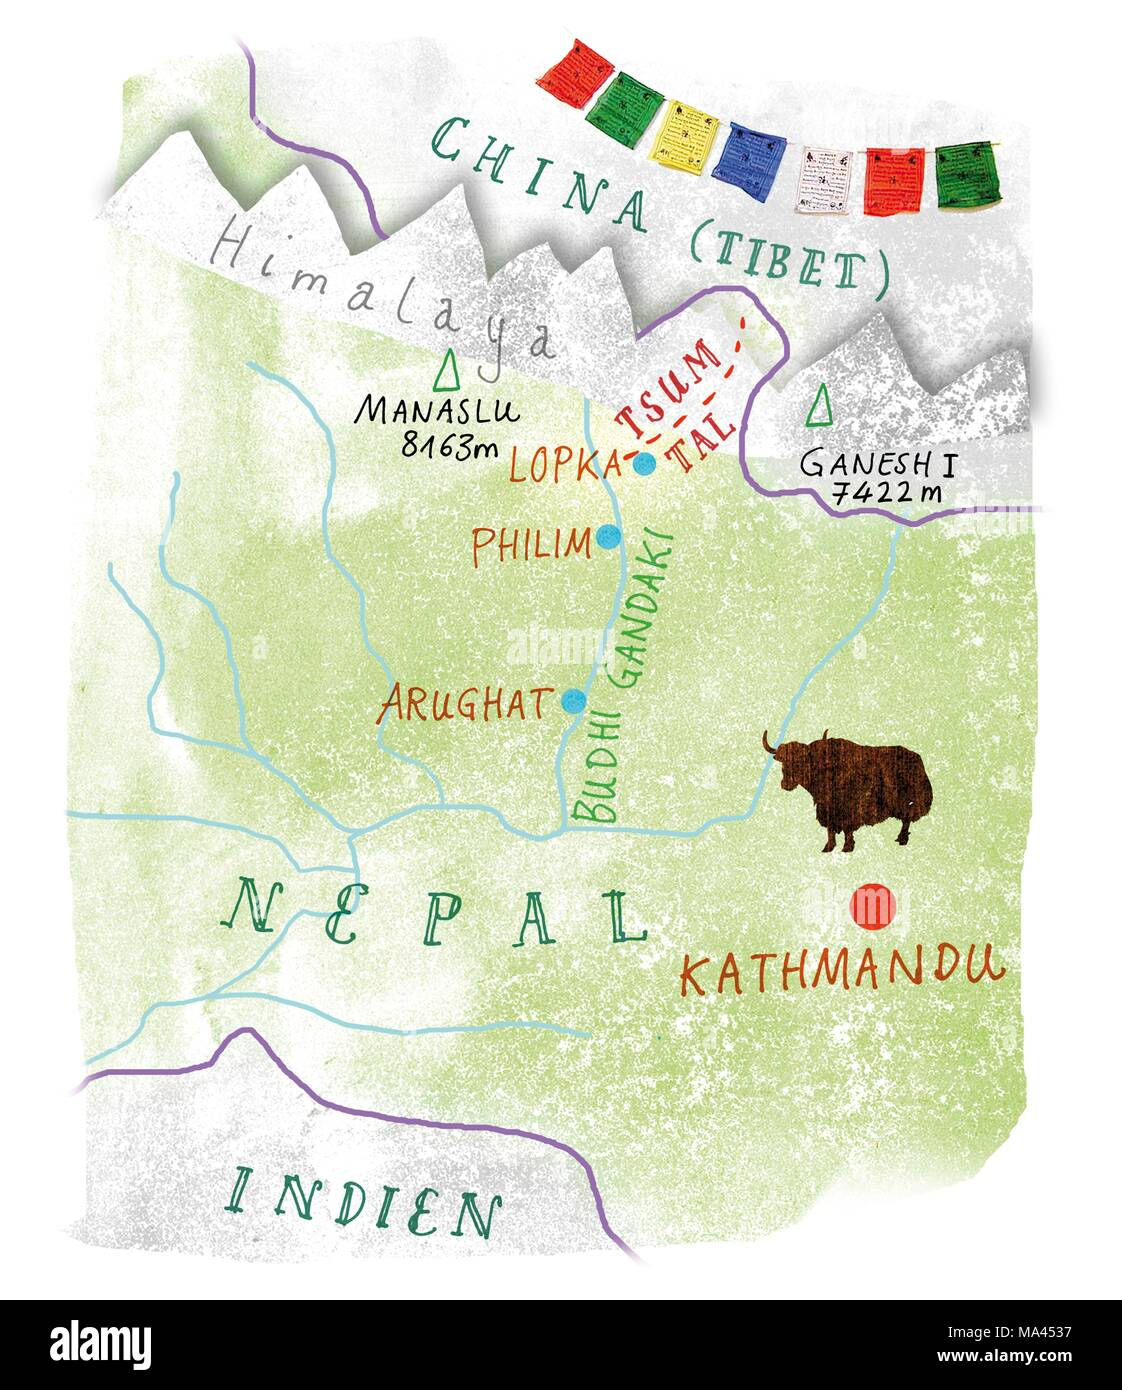 Cordillera Del Himalaya Mapa.Un Mapa De Nepal Mostrando El Valle Tsum El Himalaya El